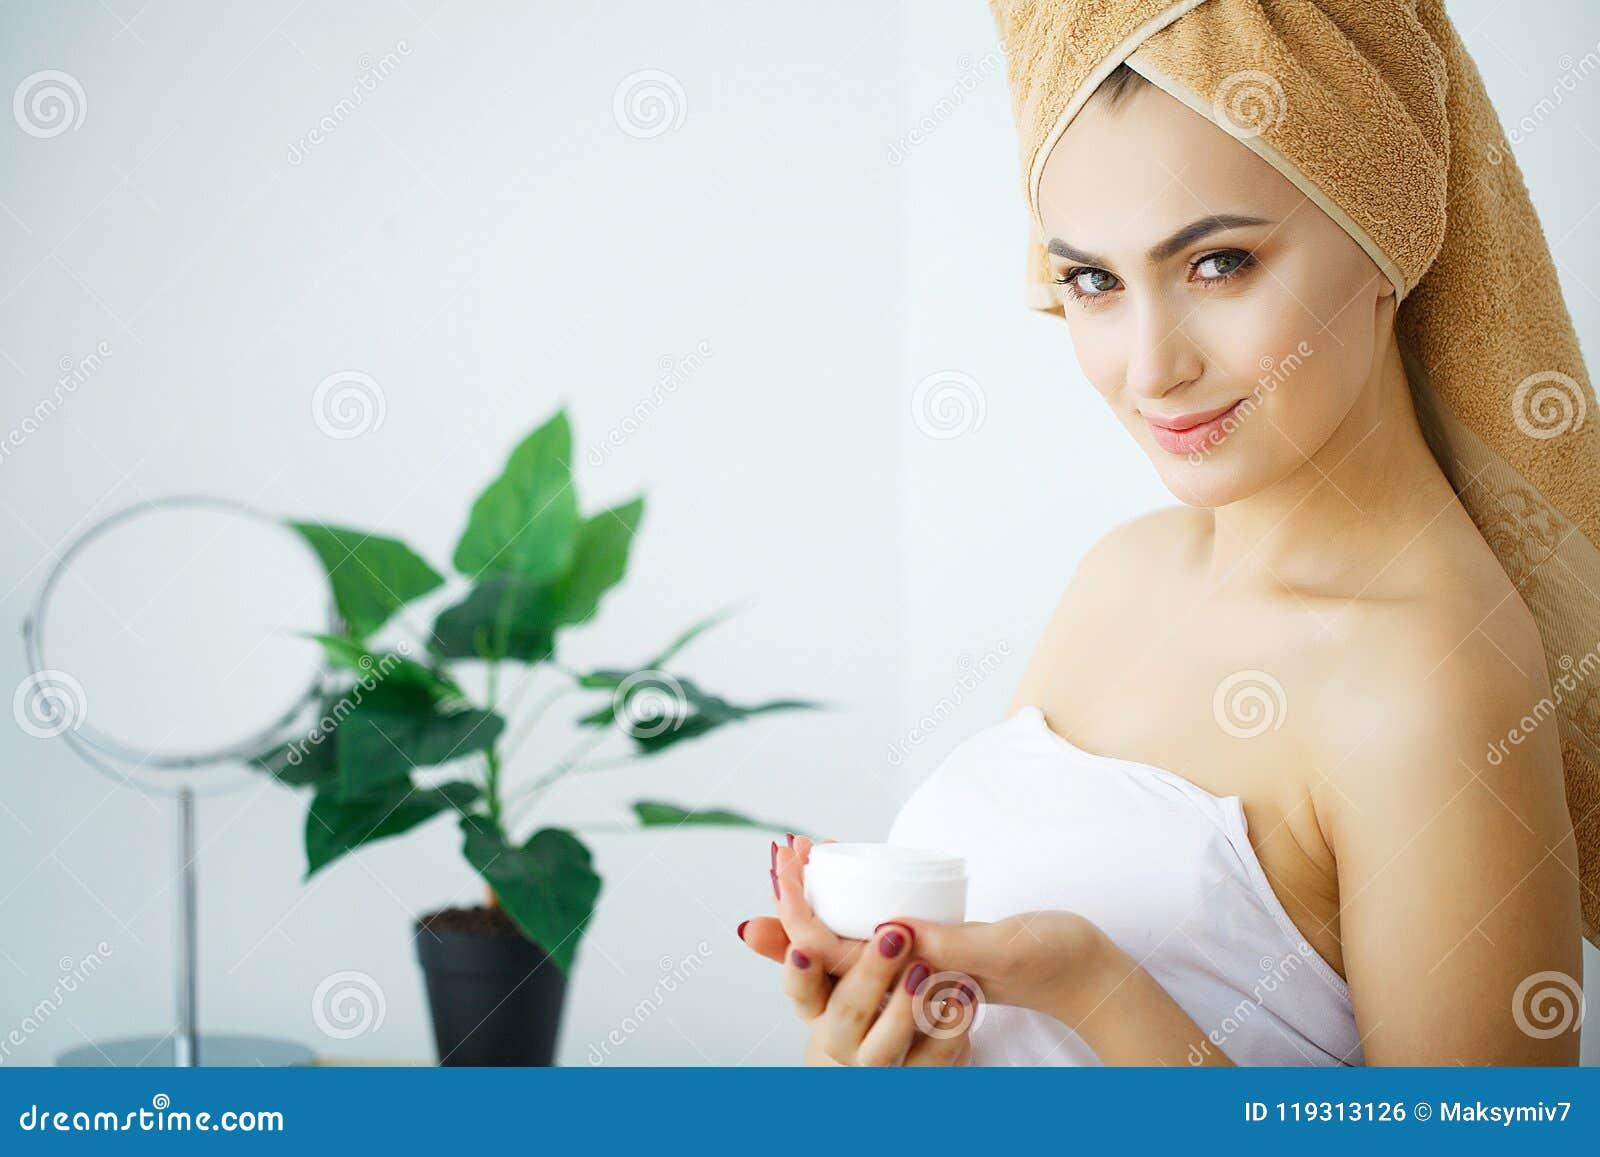 De kosmetische room van de vrouwengreep Mooi gezichts jong model